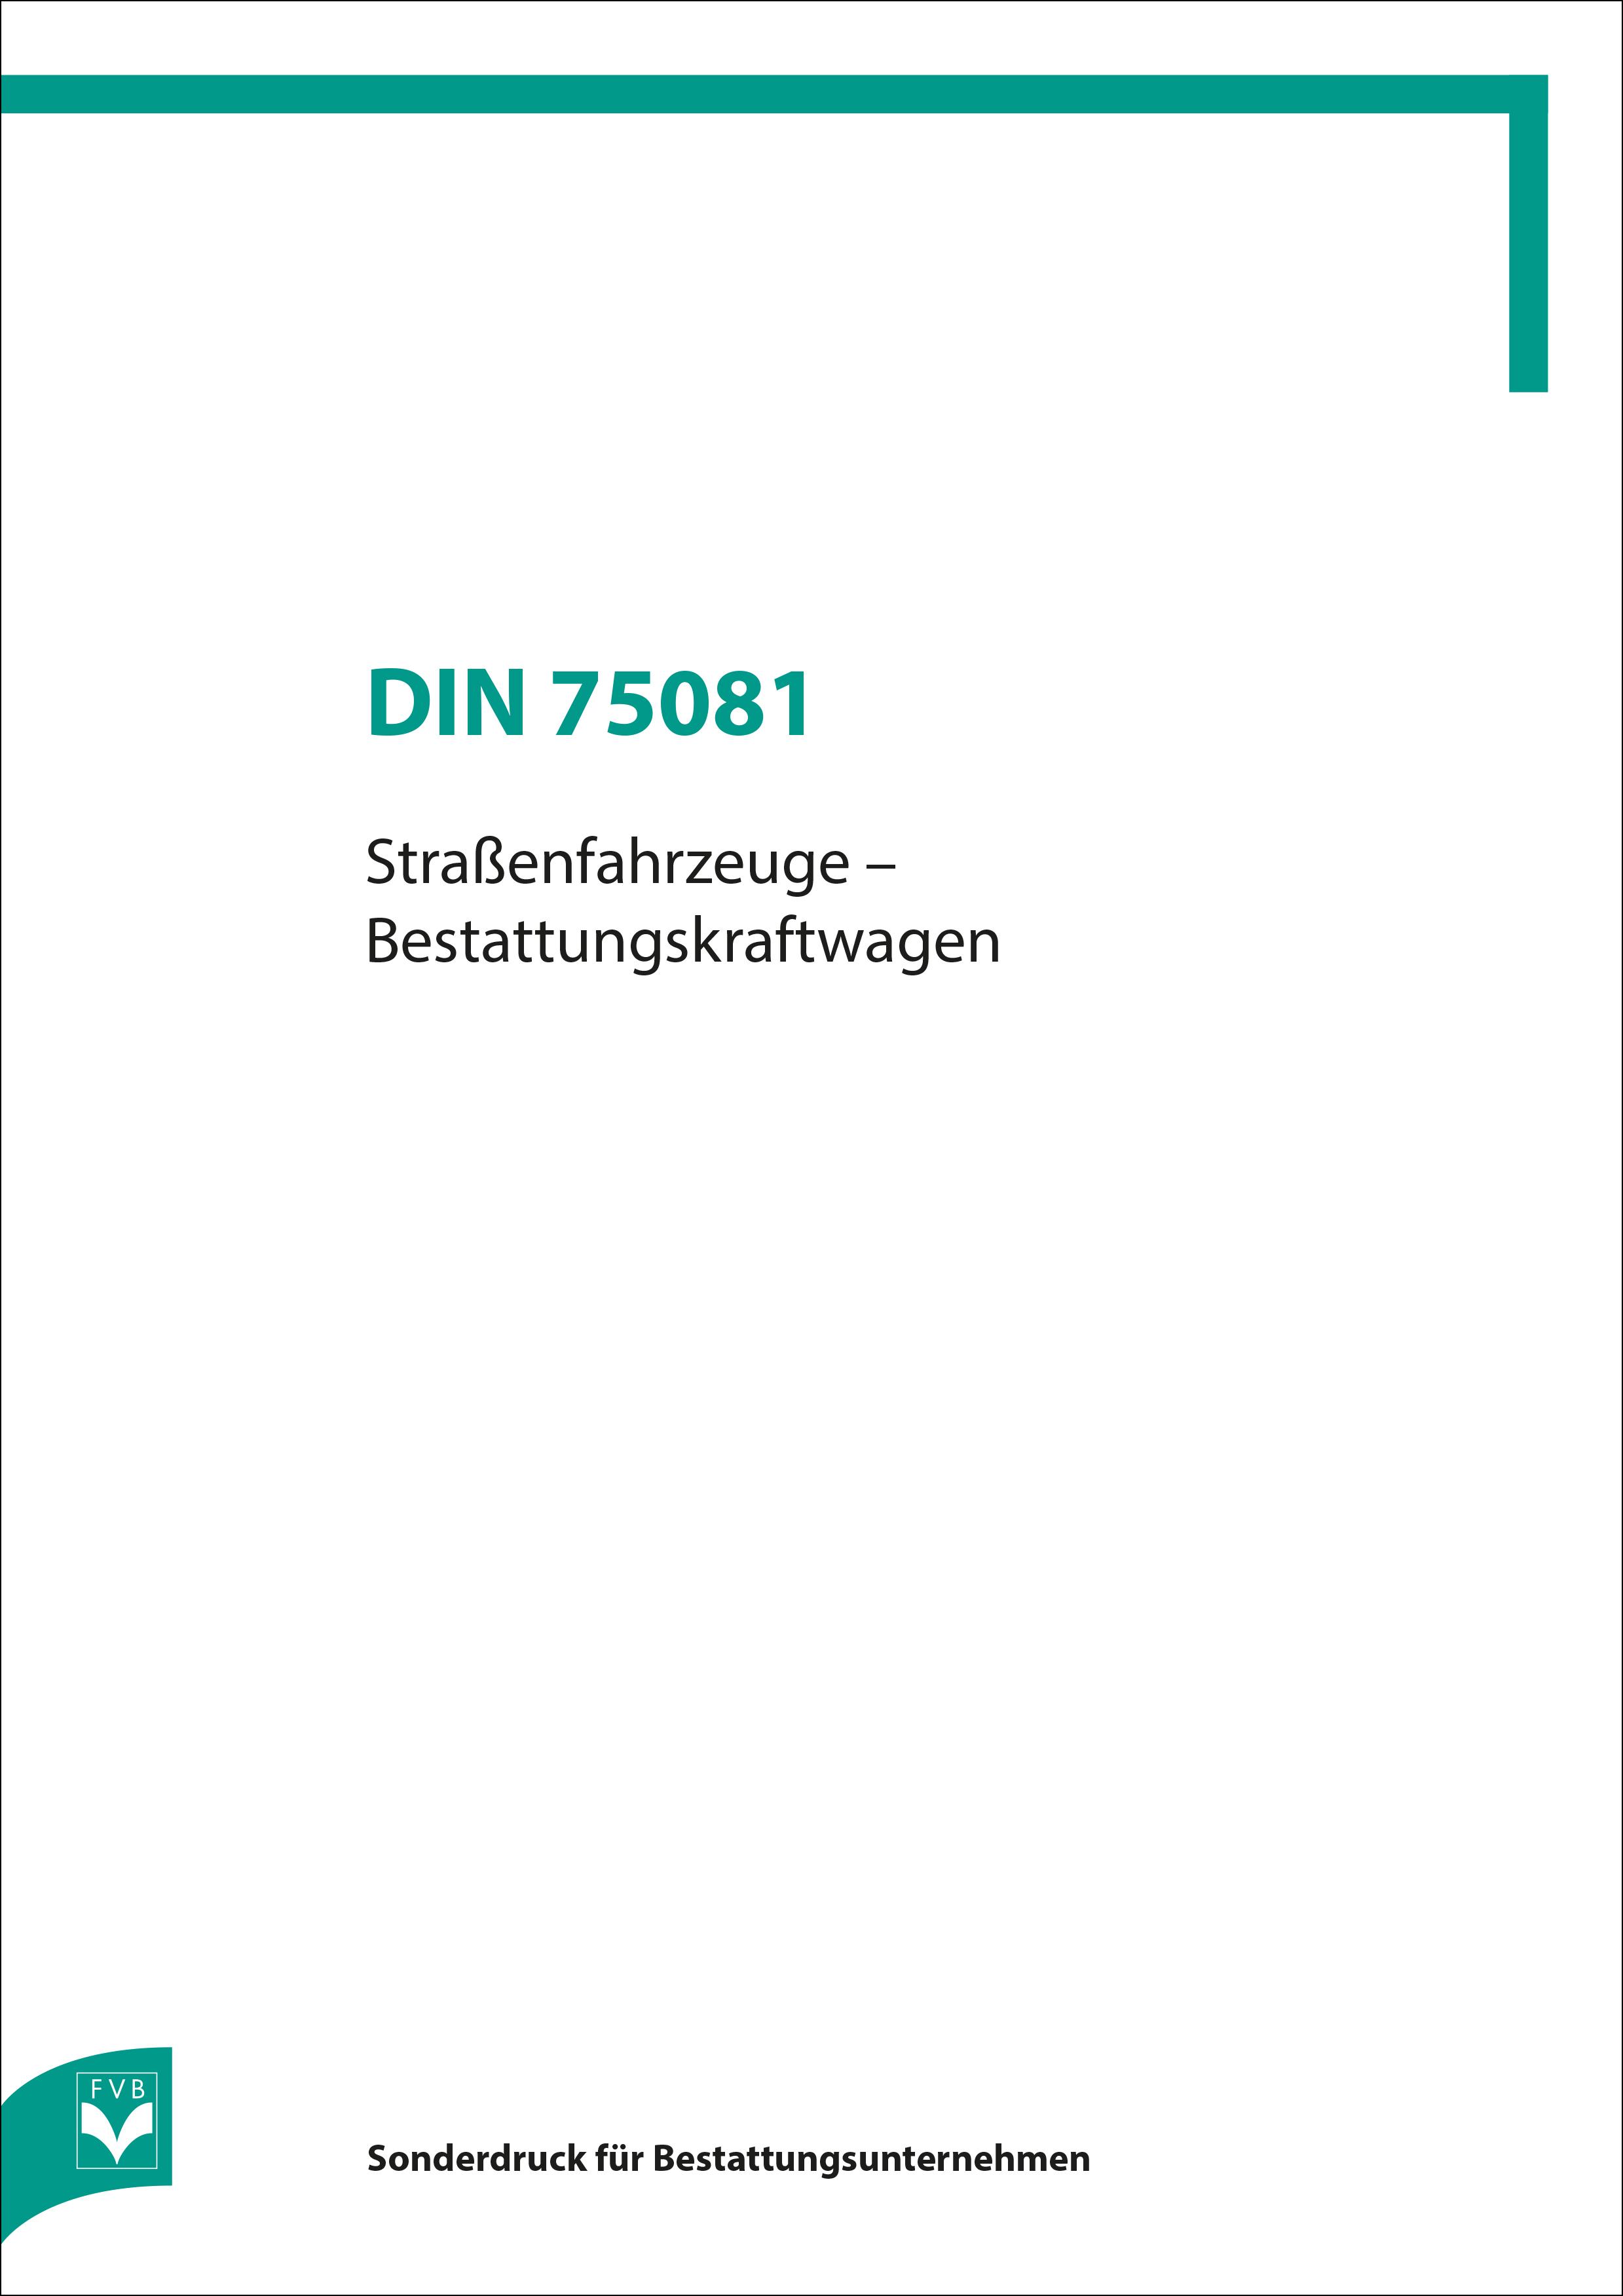 DIN 75081 Straßenfahrzeuge - Bestattungskraftwagen